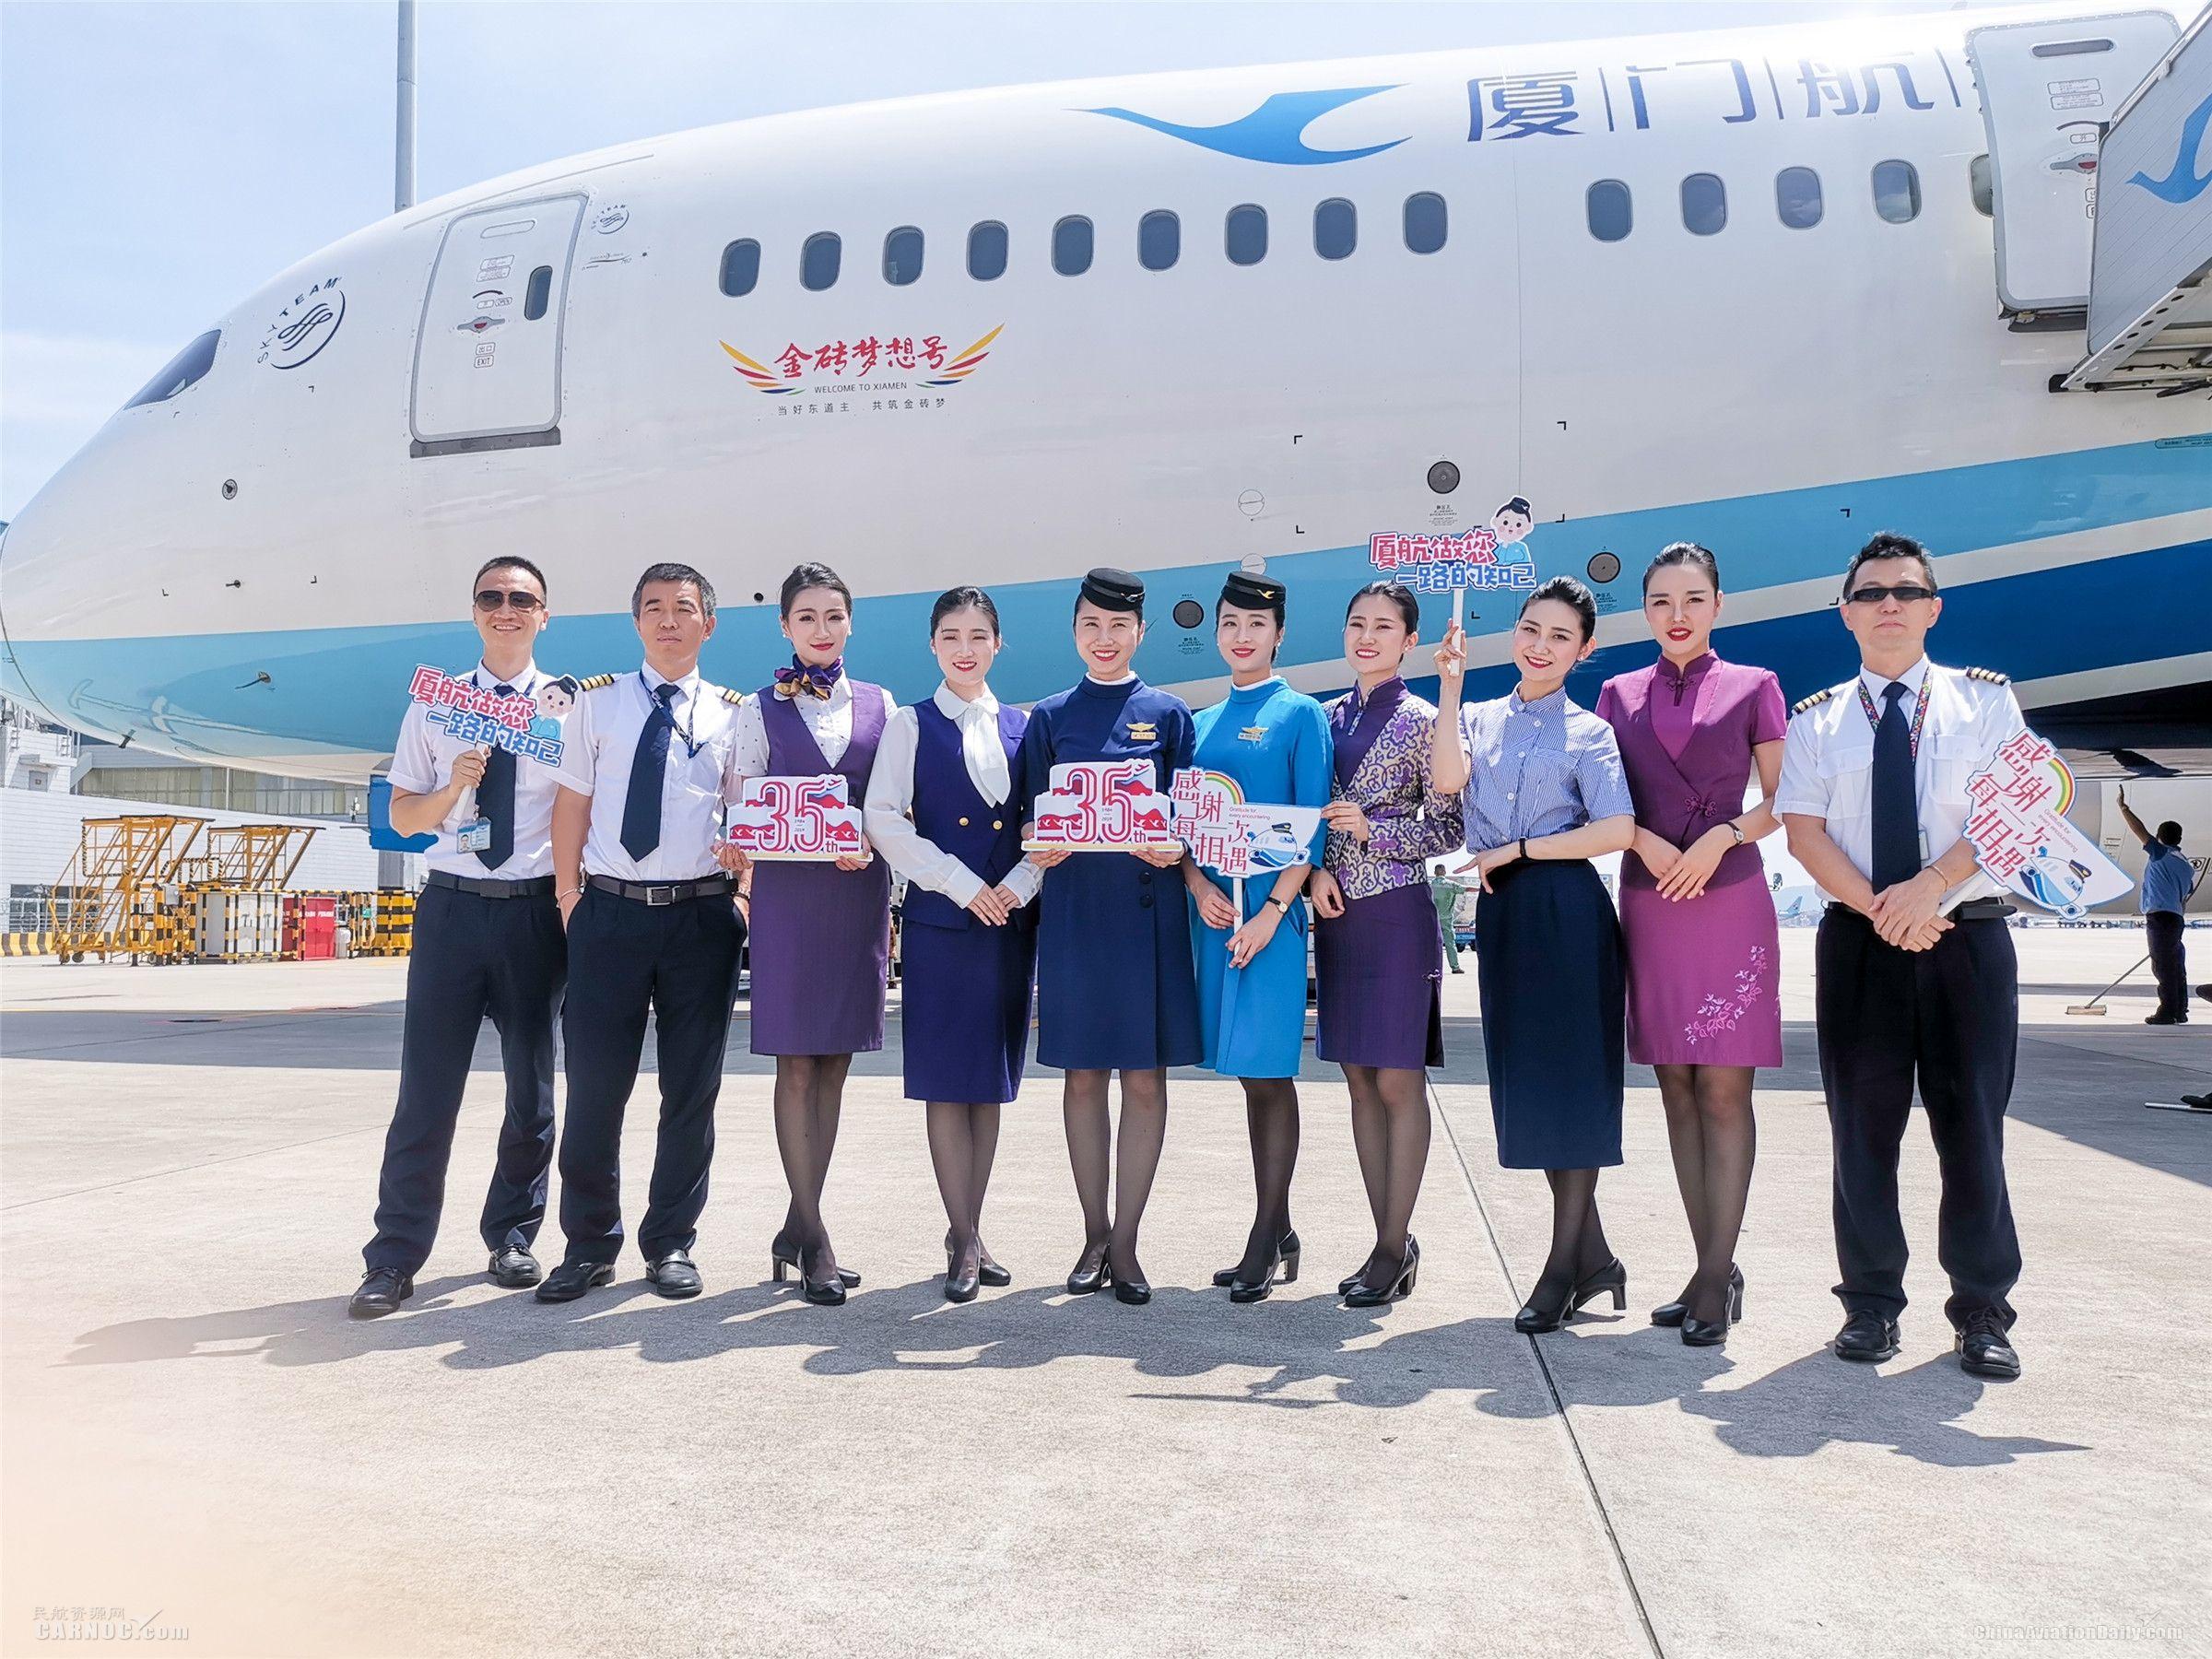 厦航举办空中生日会 感恩旅客同庆成立35周年